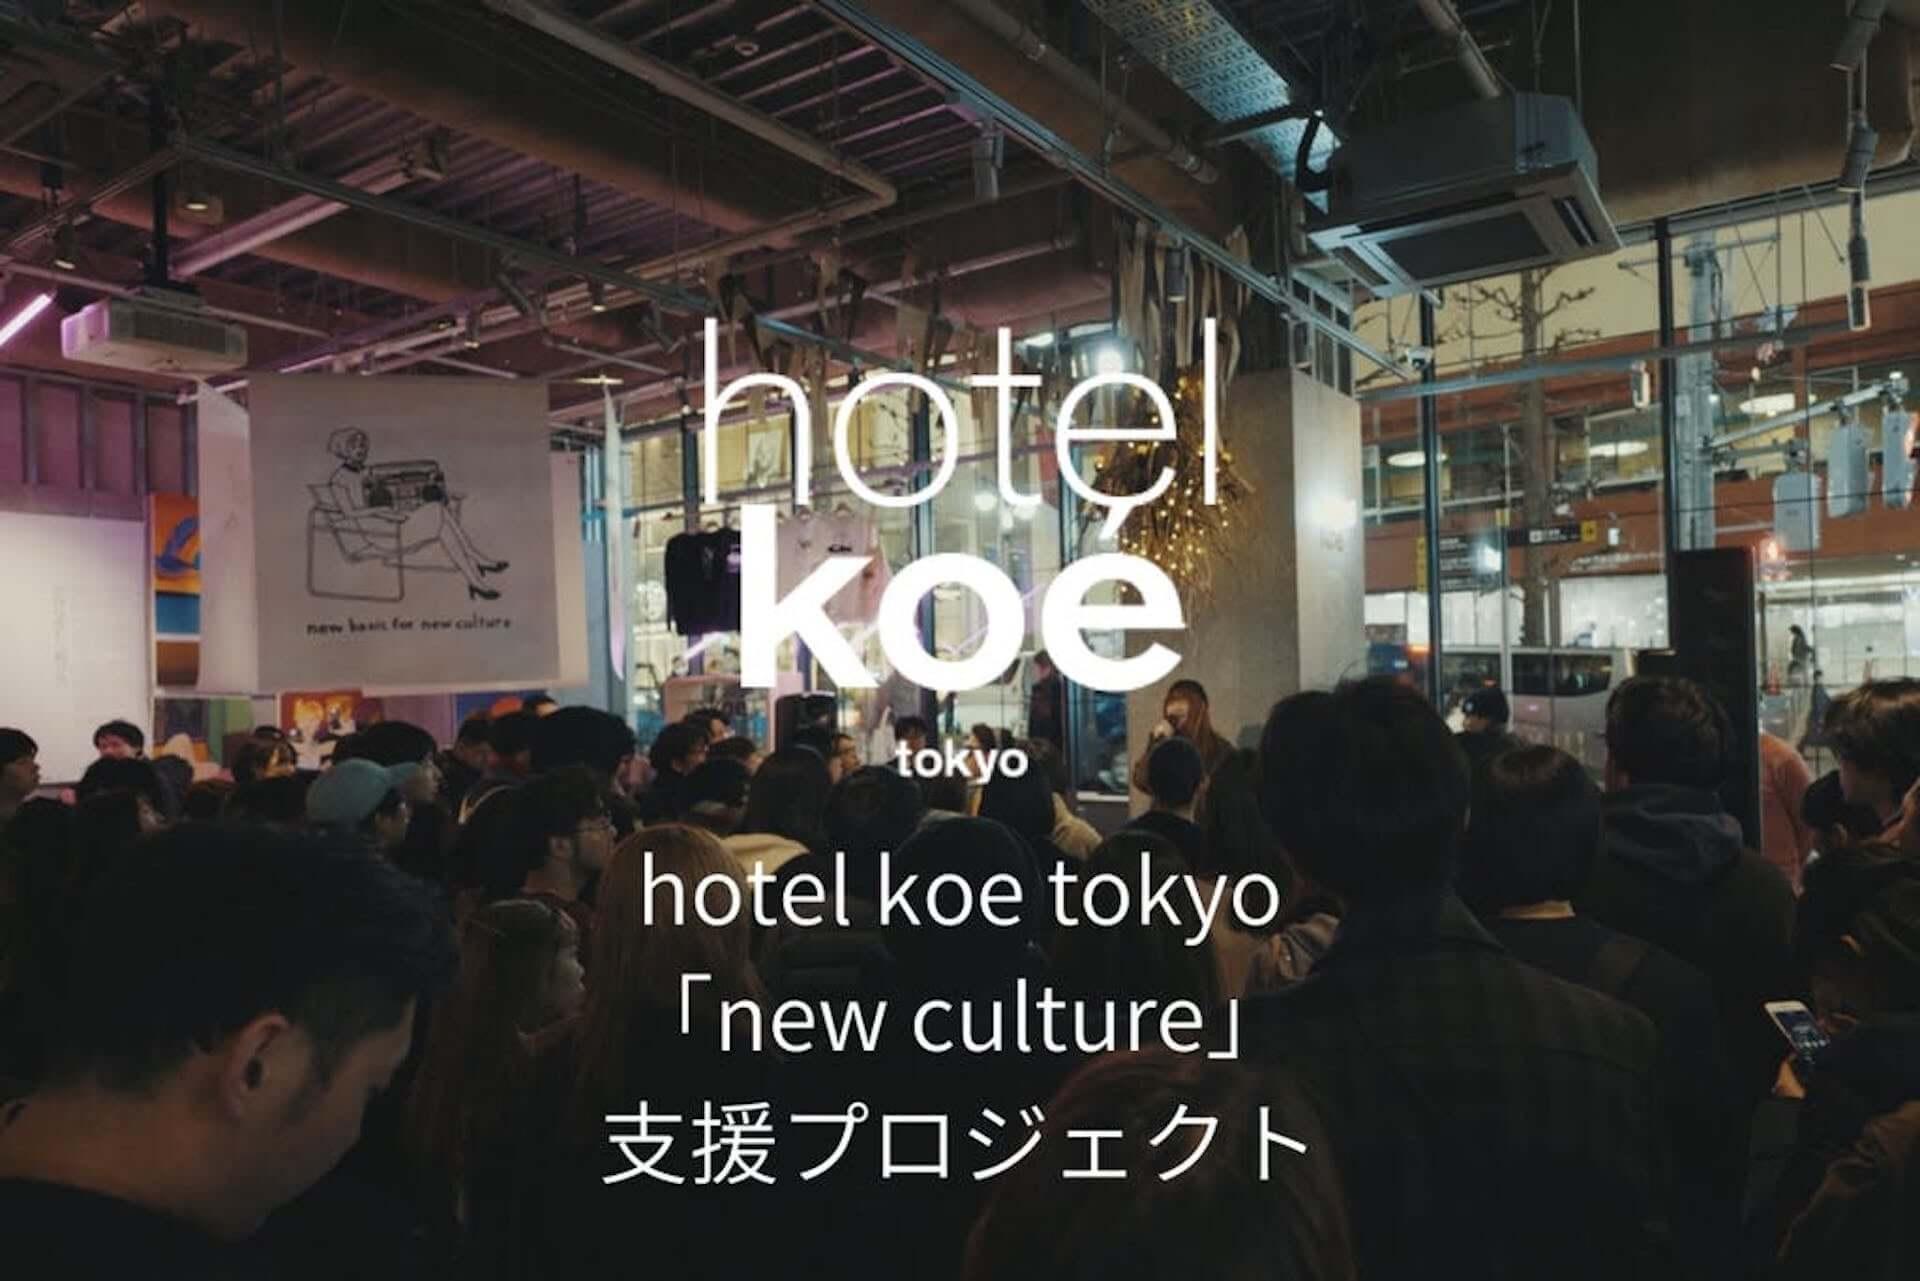 渋谷・hotel koe tokyoのイベントリニューアルに向けたクラウドファンディングがCAMPFIREにて始動!宿泊券などリターン多数 art200706_hotelkoetokyo_2-1920x1281